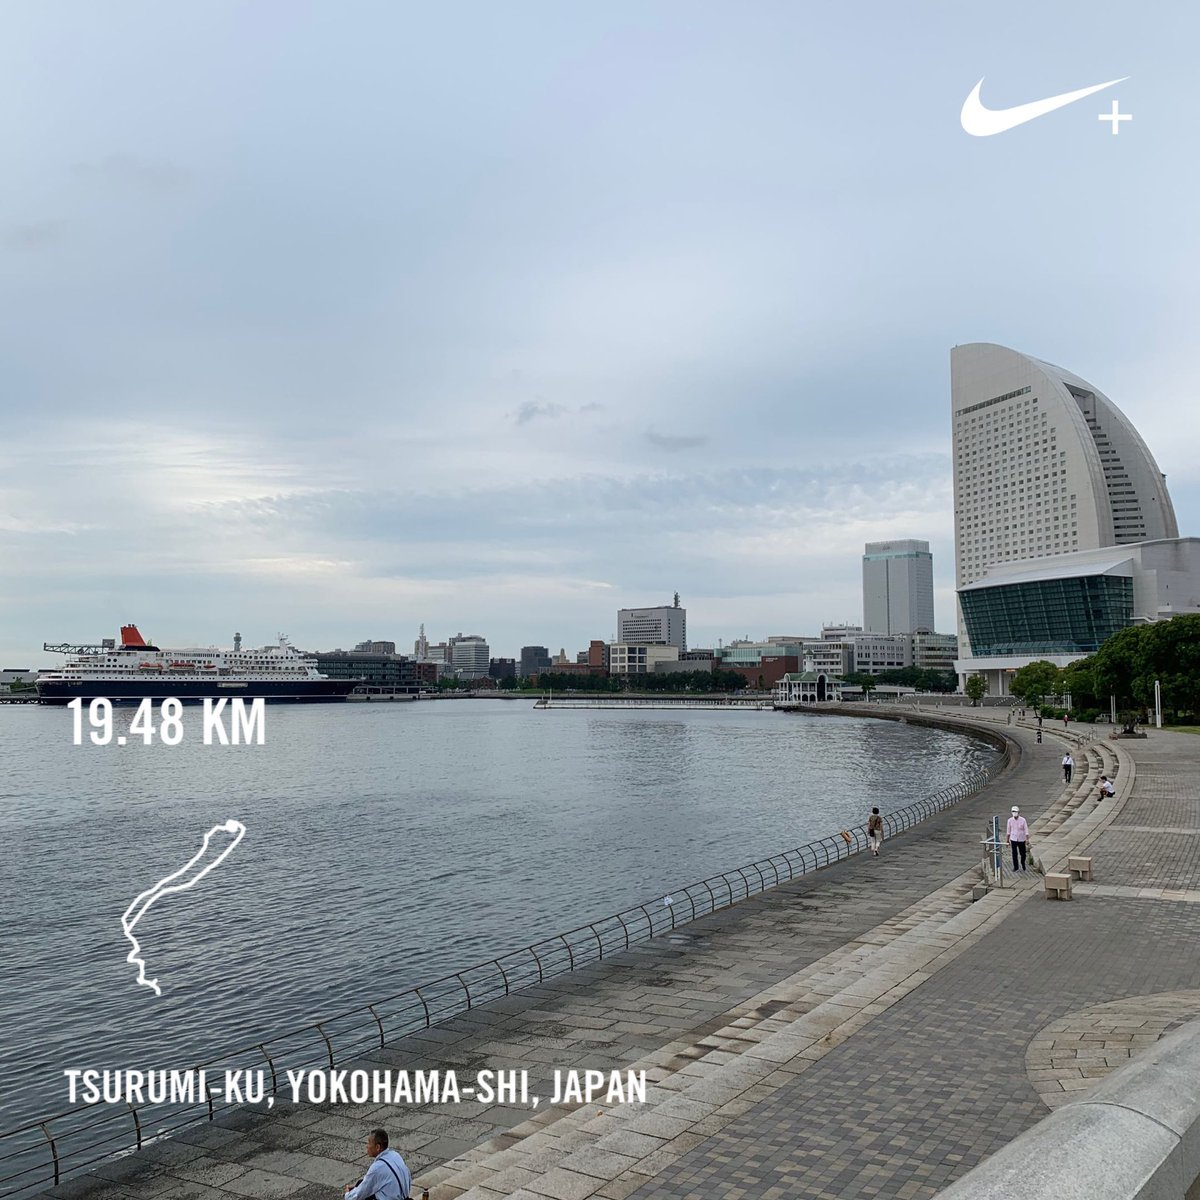 Sunday morning run   #nikerunclub #nikerunning #run #running #jogging #nikeplus #tsurumi #yokohama #japan #morning #morningrun # #minatomirai #mm21 #yokohamabay #横浜 #intercontinentalhotelyokohama #にっぽん丸pic.twitter.com/g1Imuf3Ogi